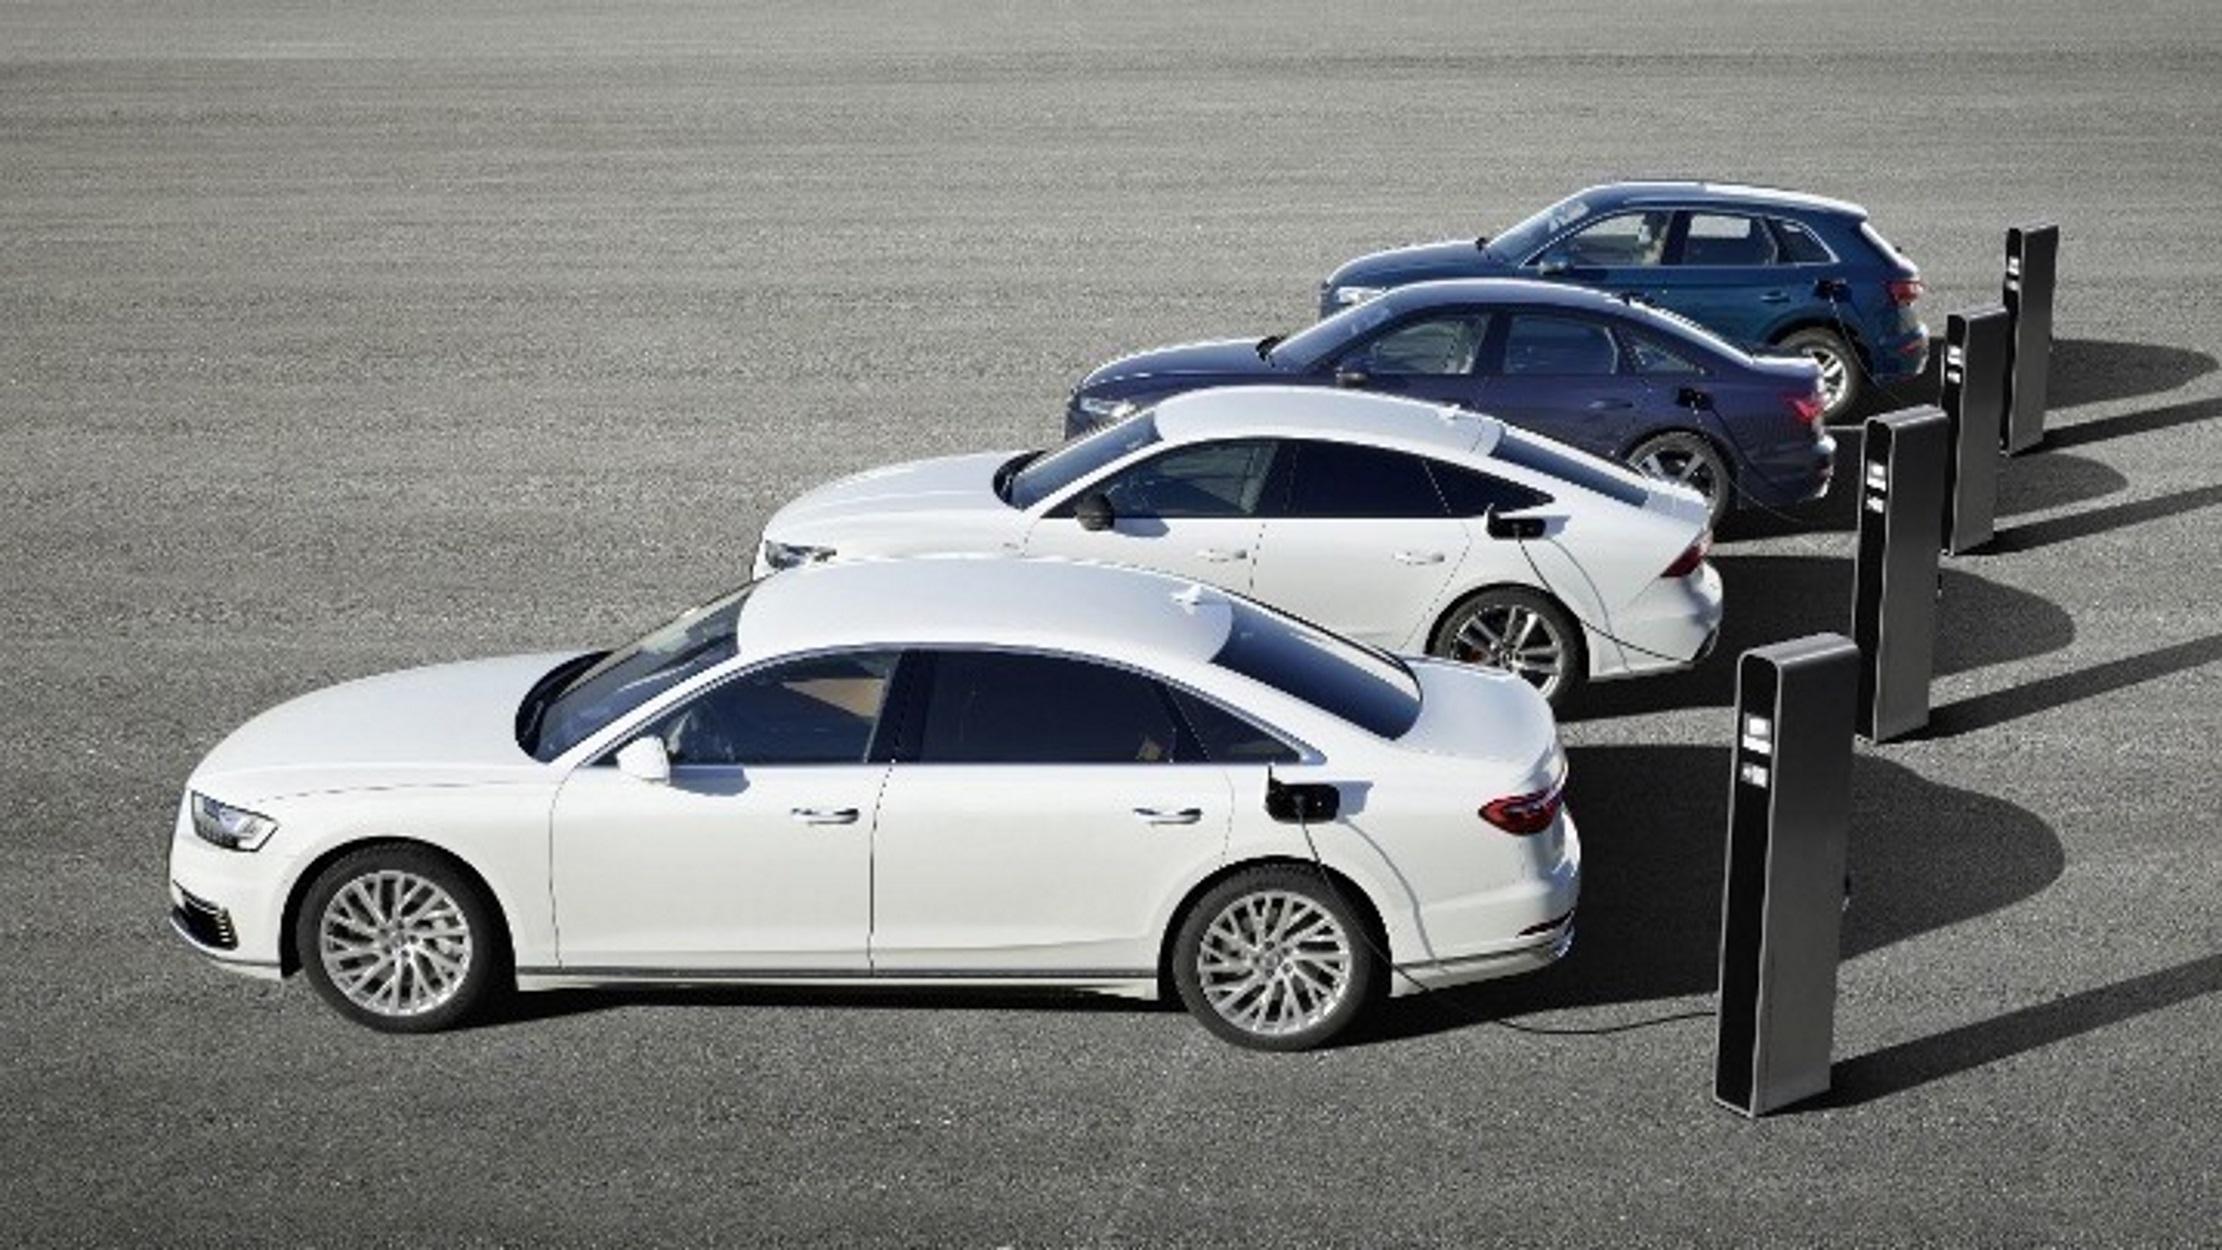 Αύξηση των πωλήσεων των αυτοκινήτων τον Μάρτιο